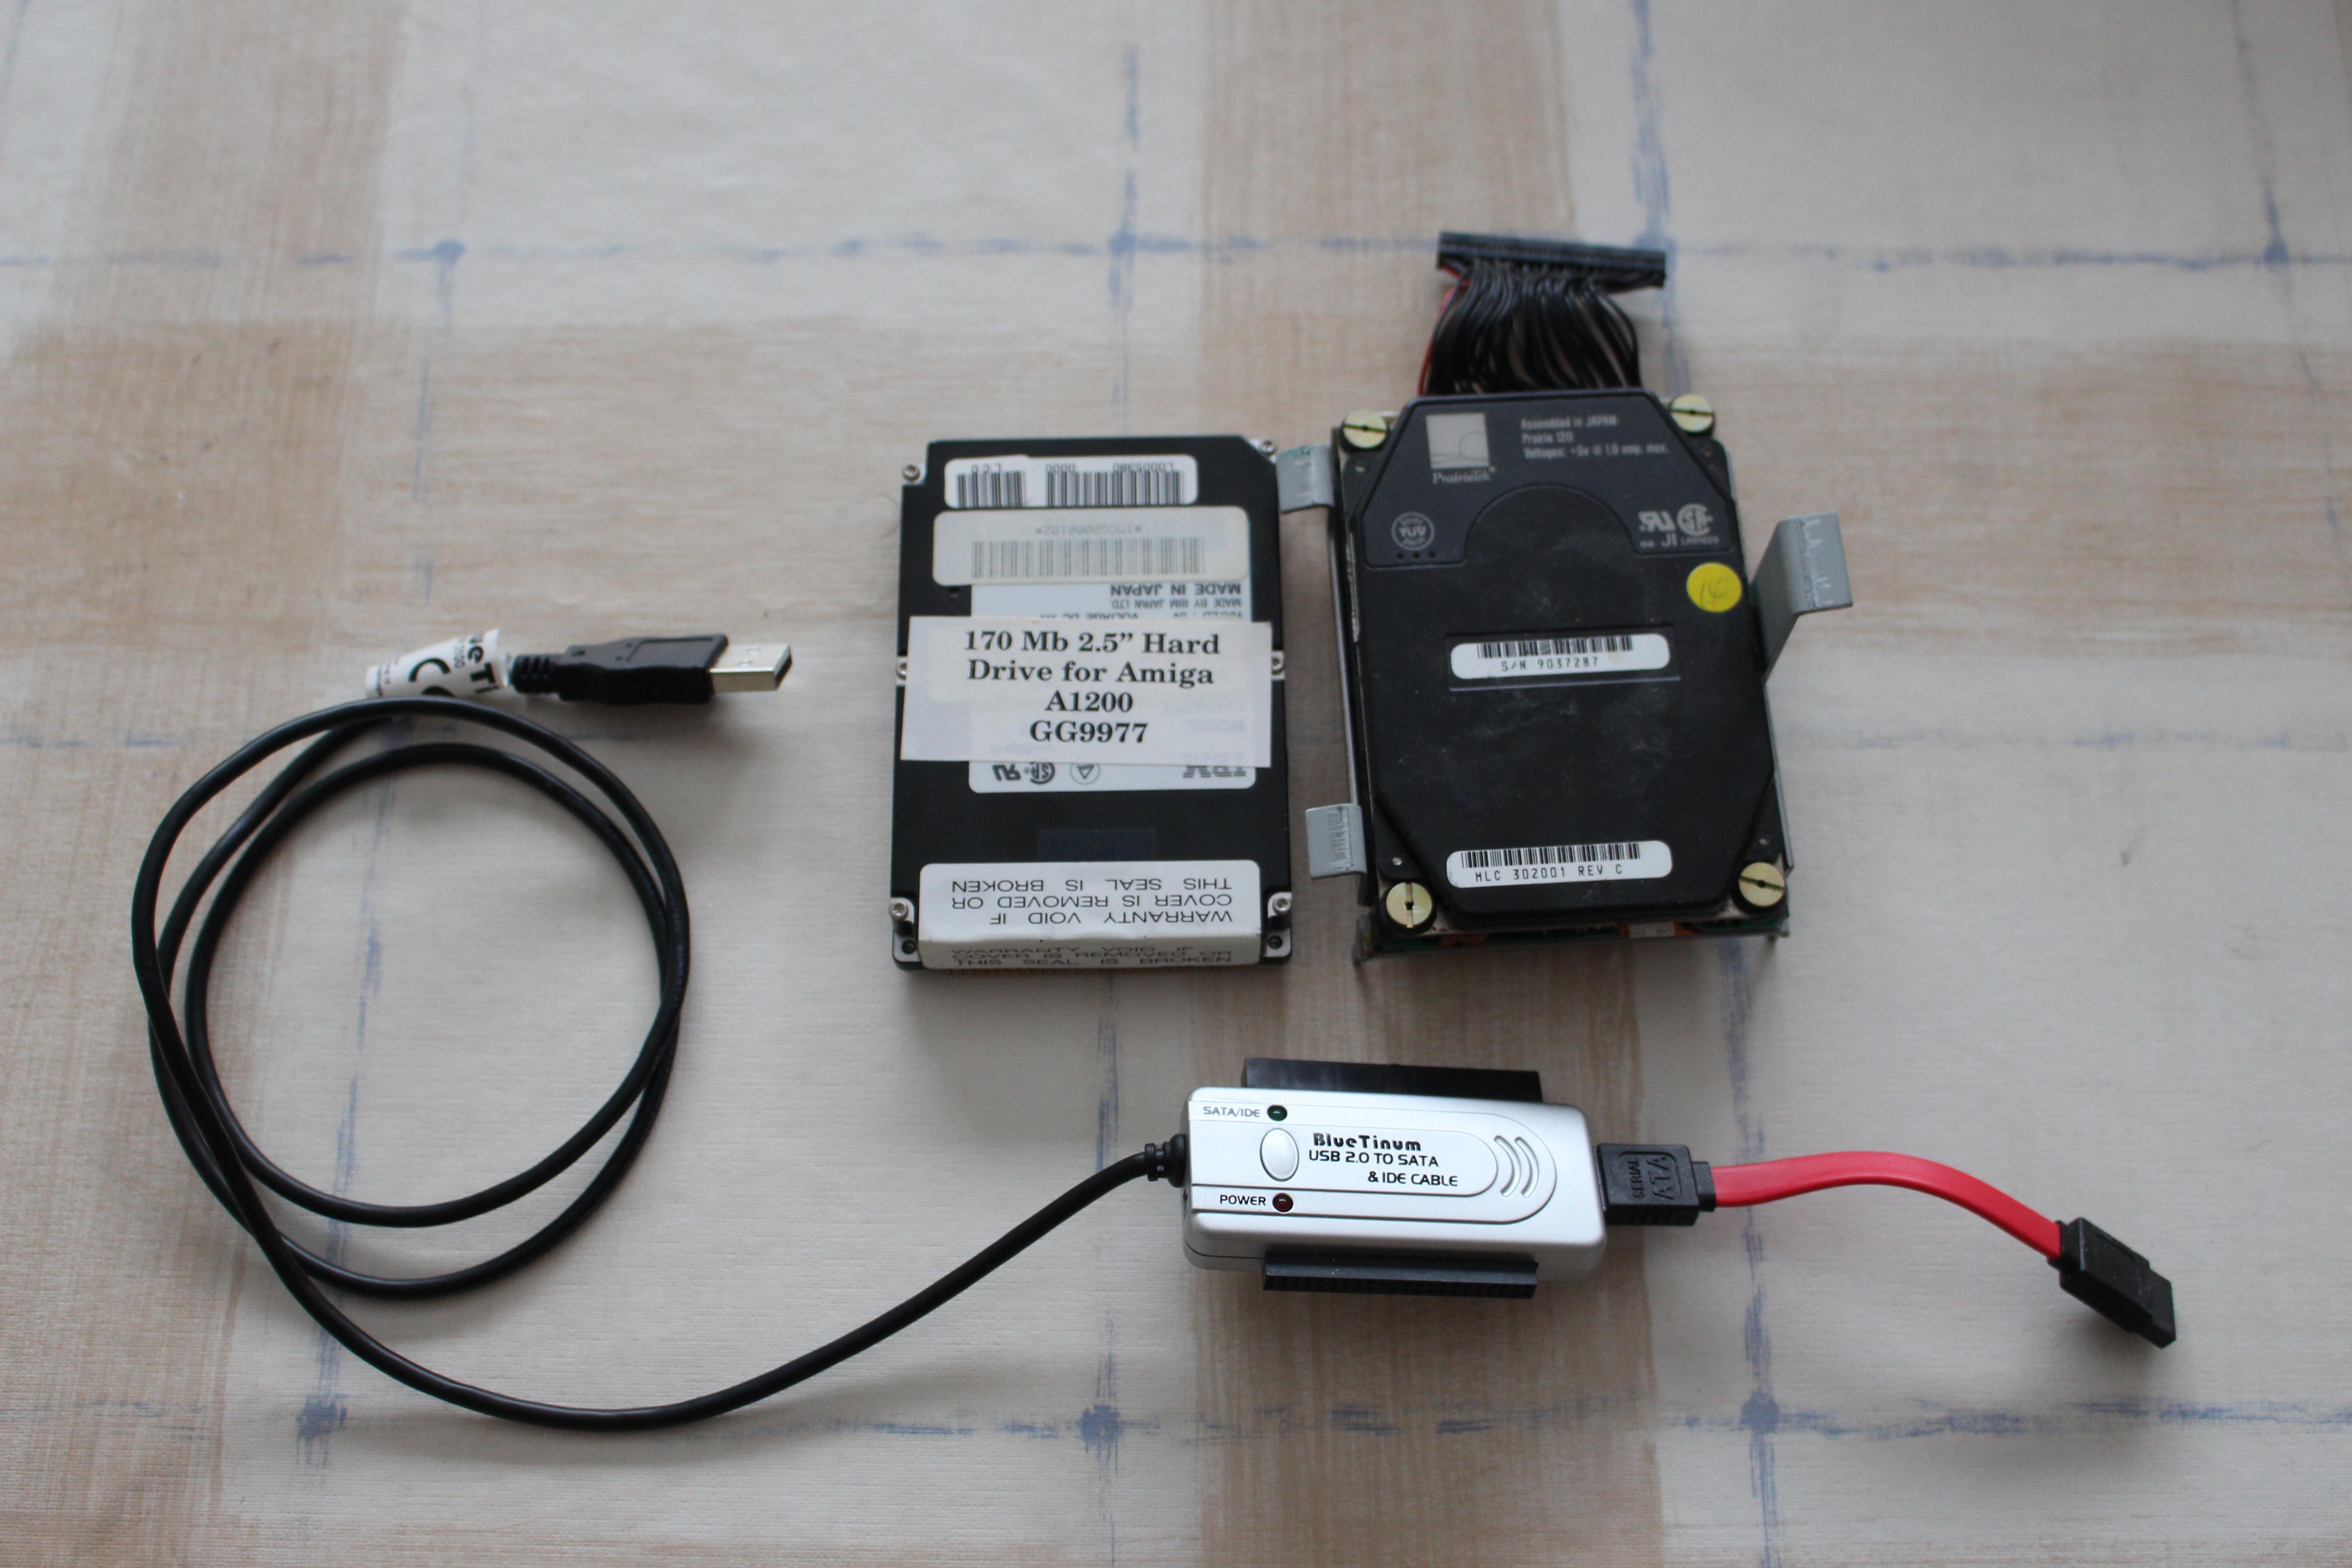 Making a backup of an Amiga SCSI drive | Retro Commodore